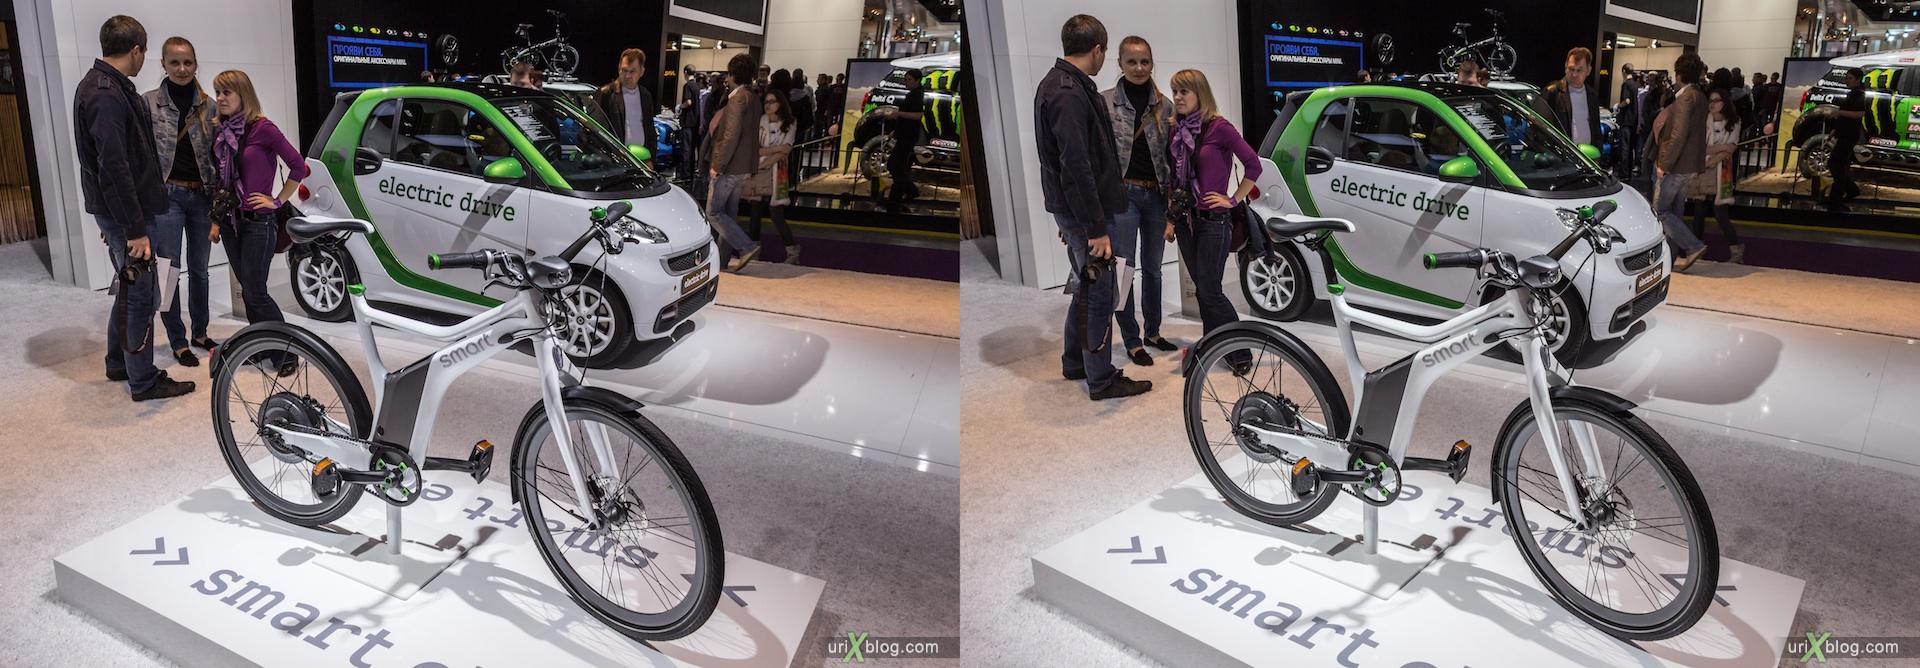 2012, Smart electric bike, Московский международный автомобильный салон, ММАС, Крокус Экспо, 3D, стереопара